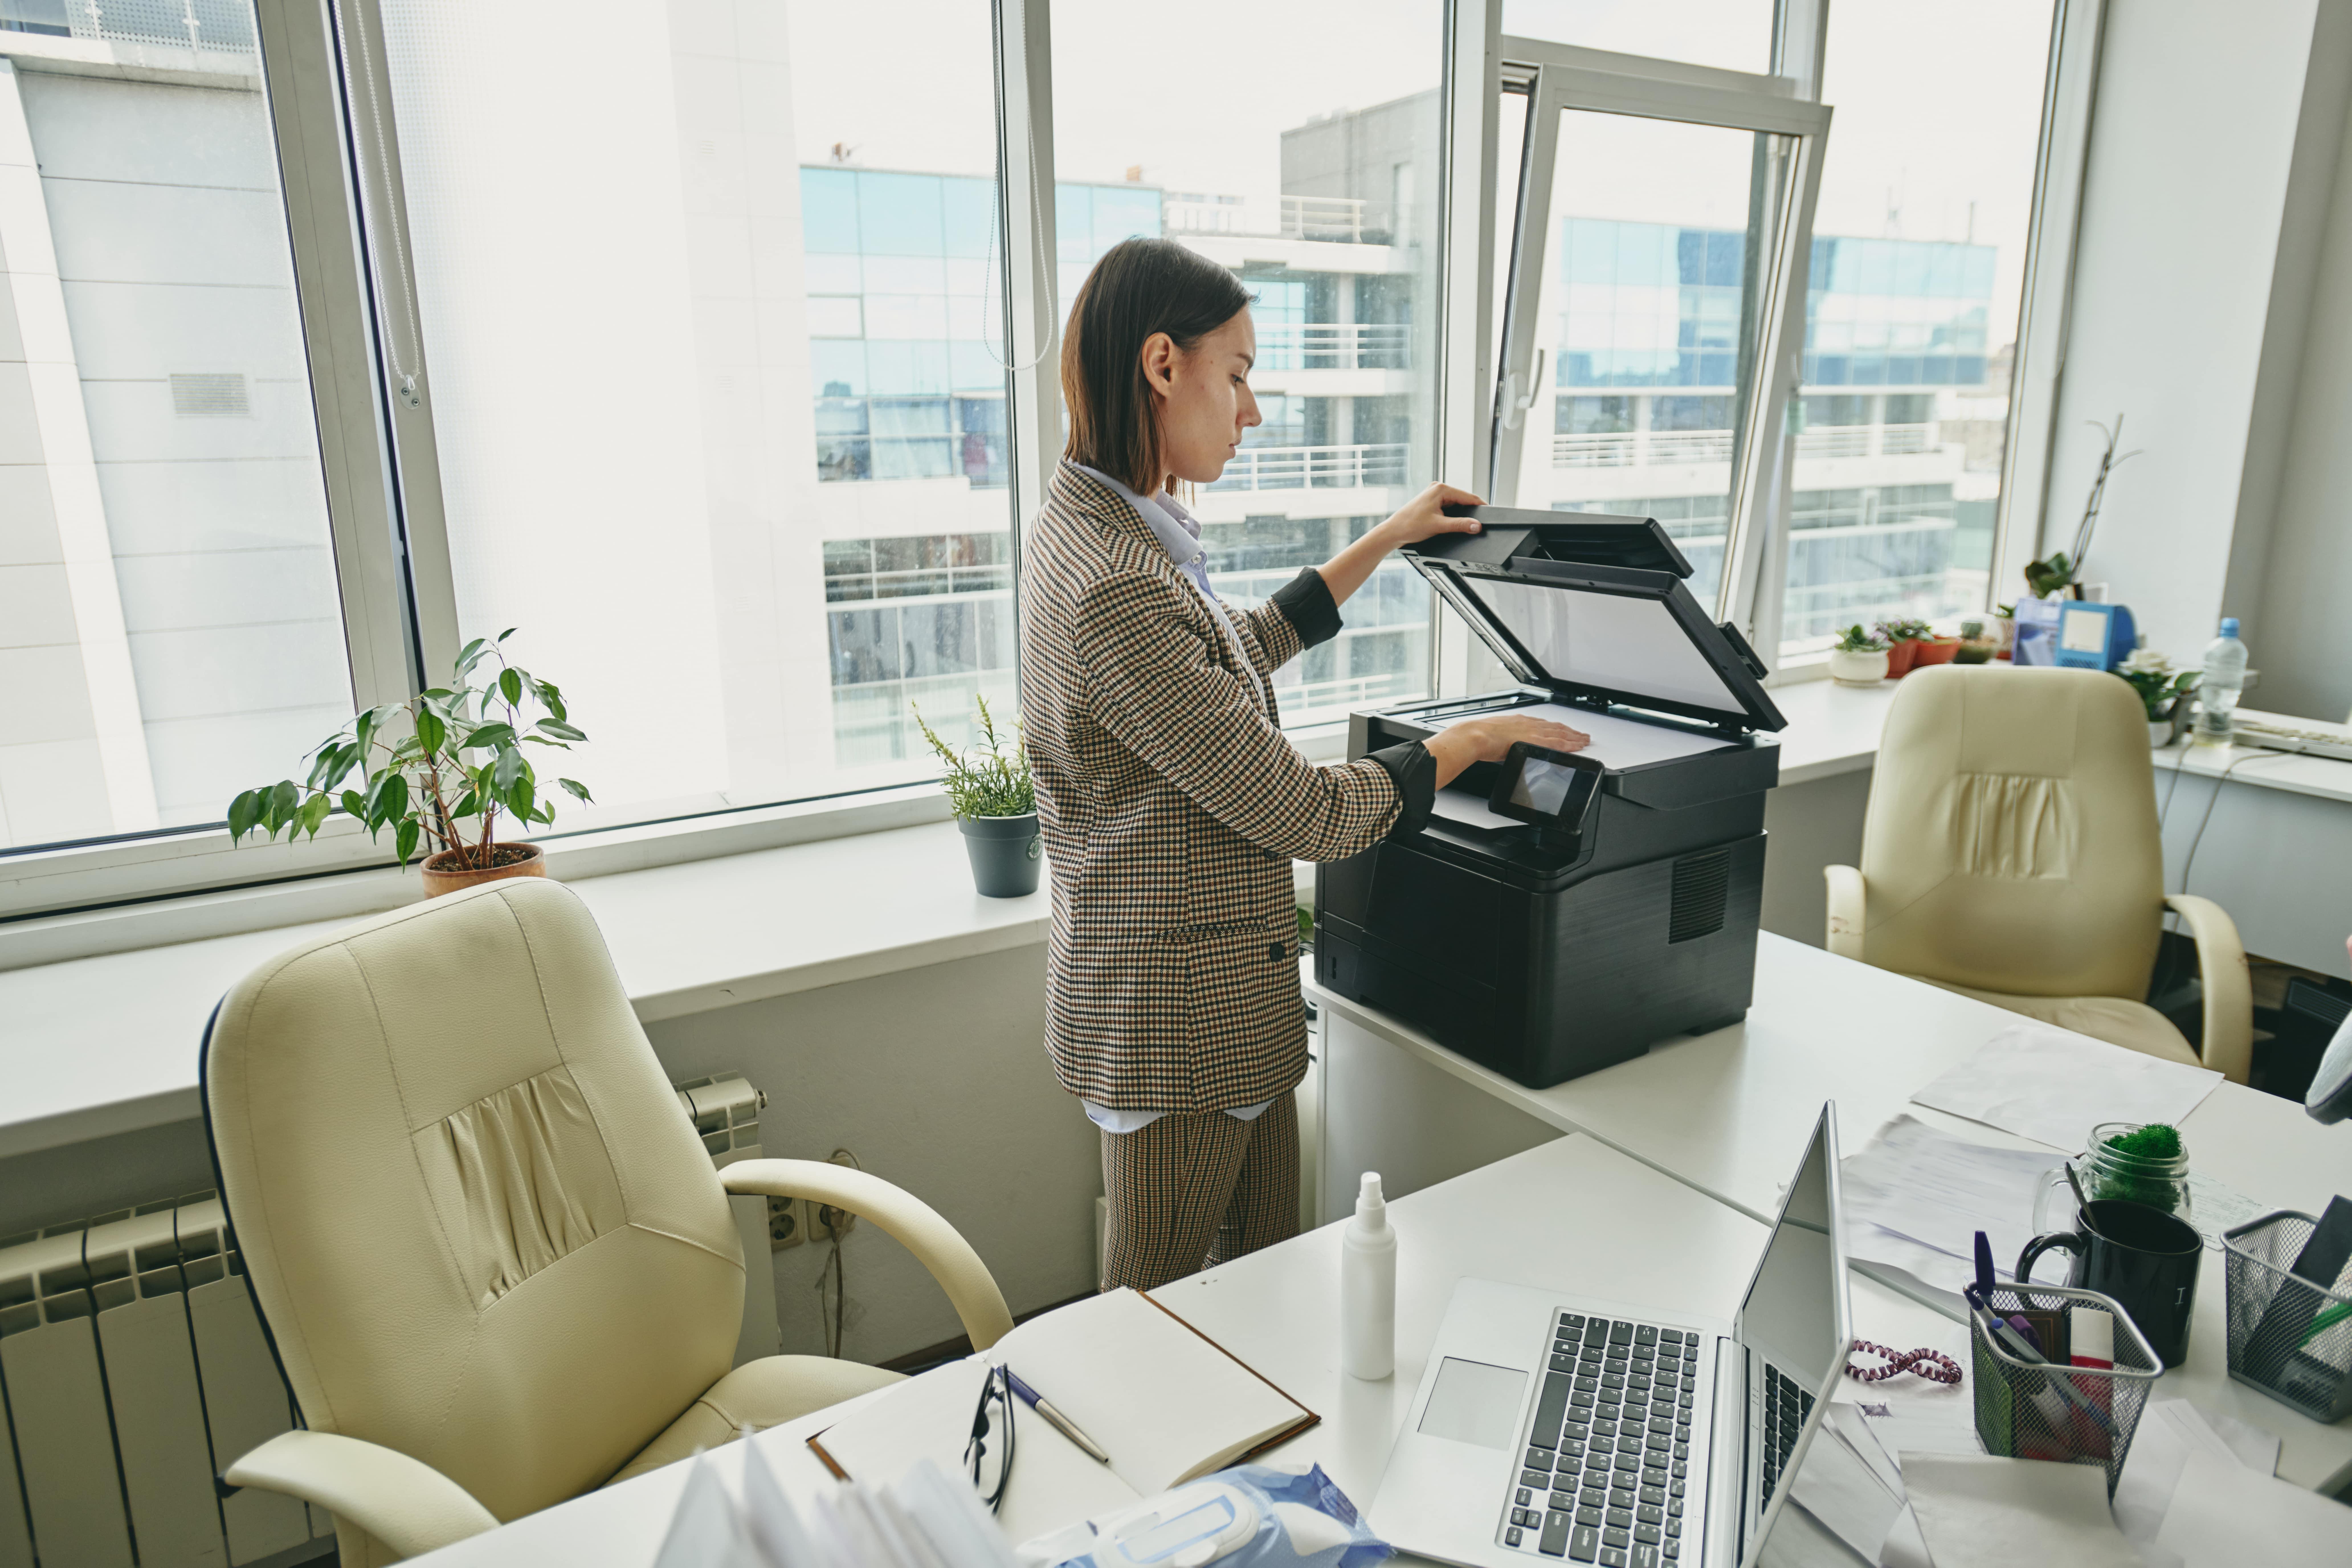 Noleggiare una fotocopiatrice per l'ufficio